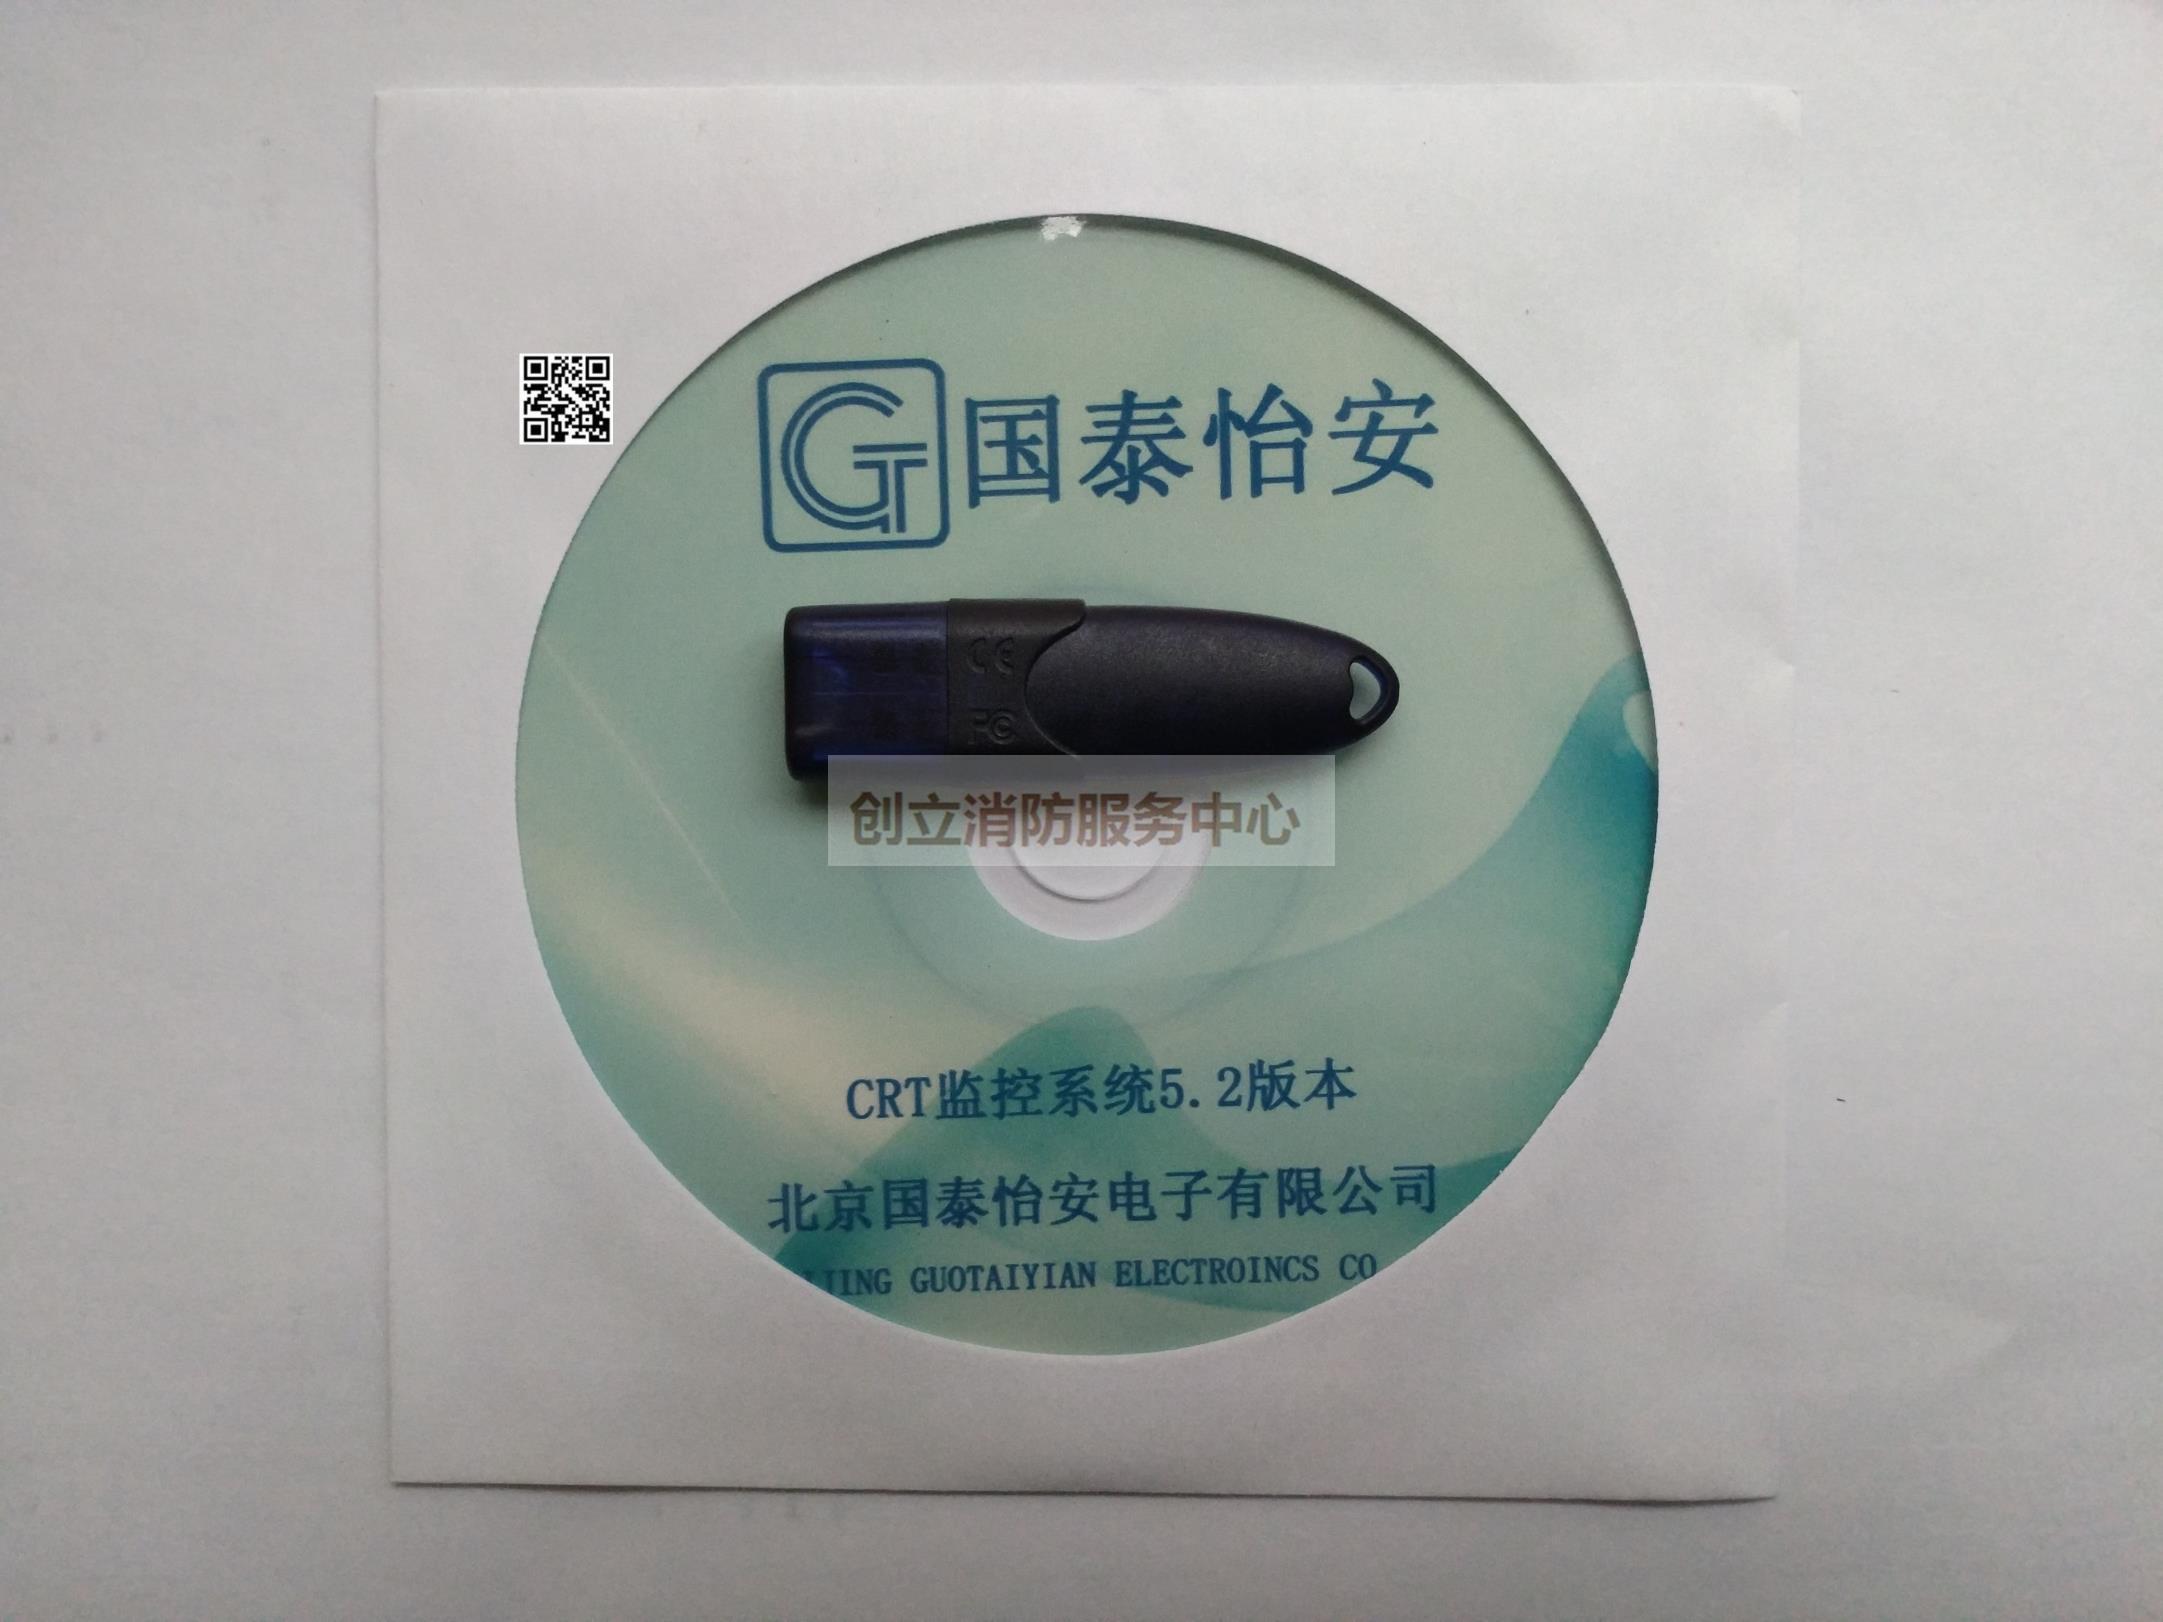 国泰怡安CRT加密狗GK632-RJ图形显示系统CRT系统制作工具顺丰包邮